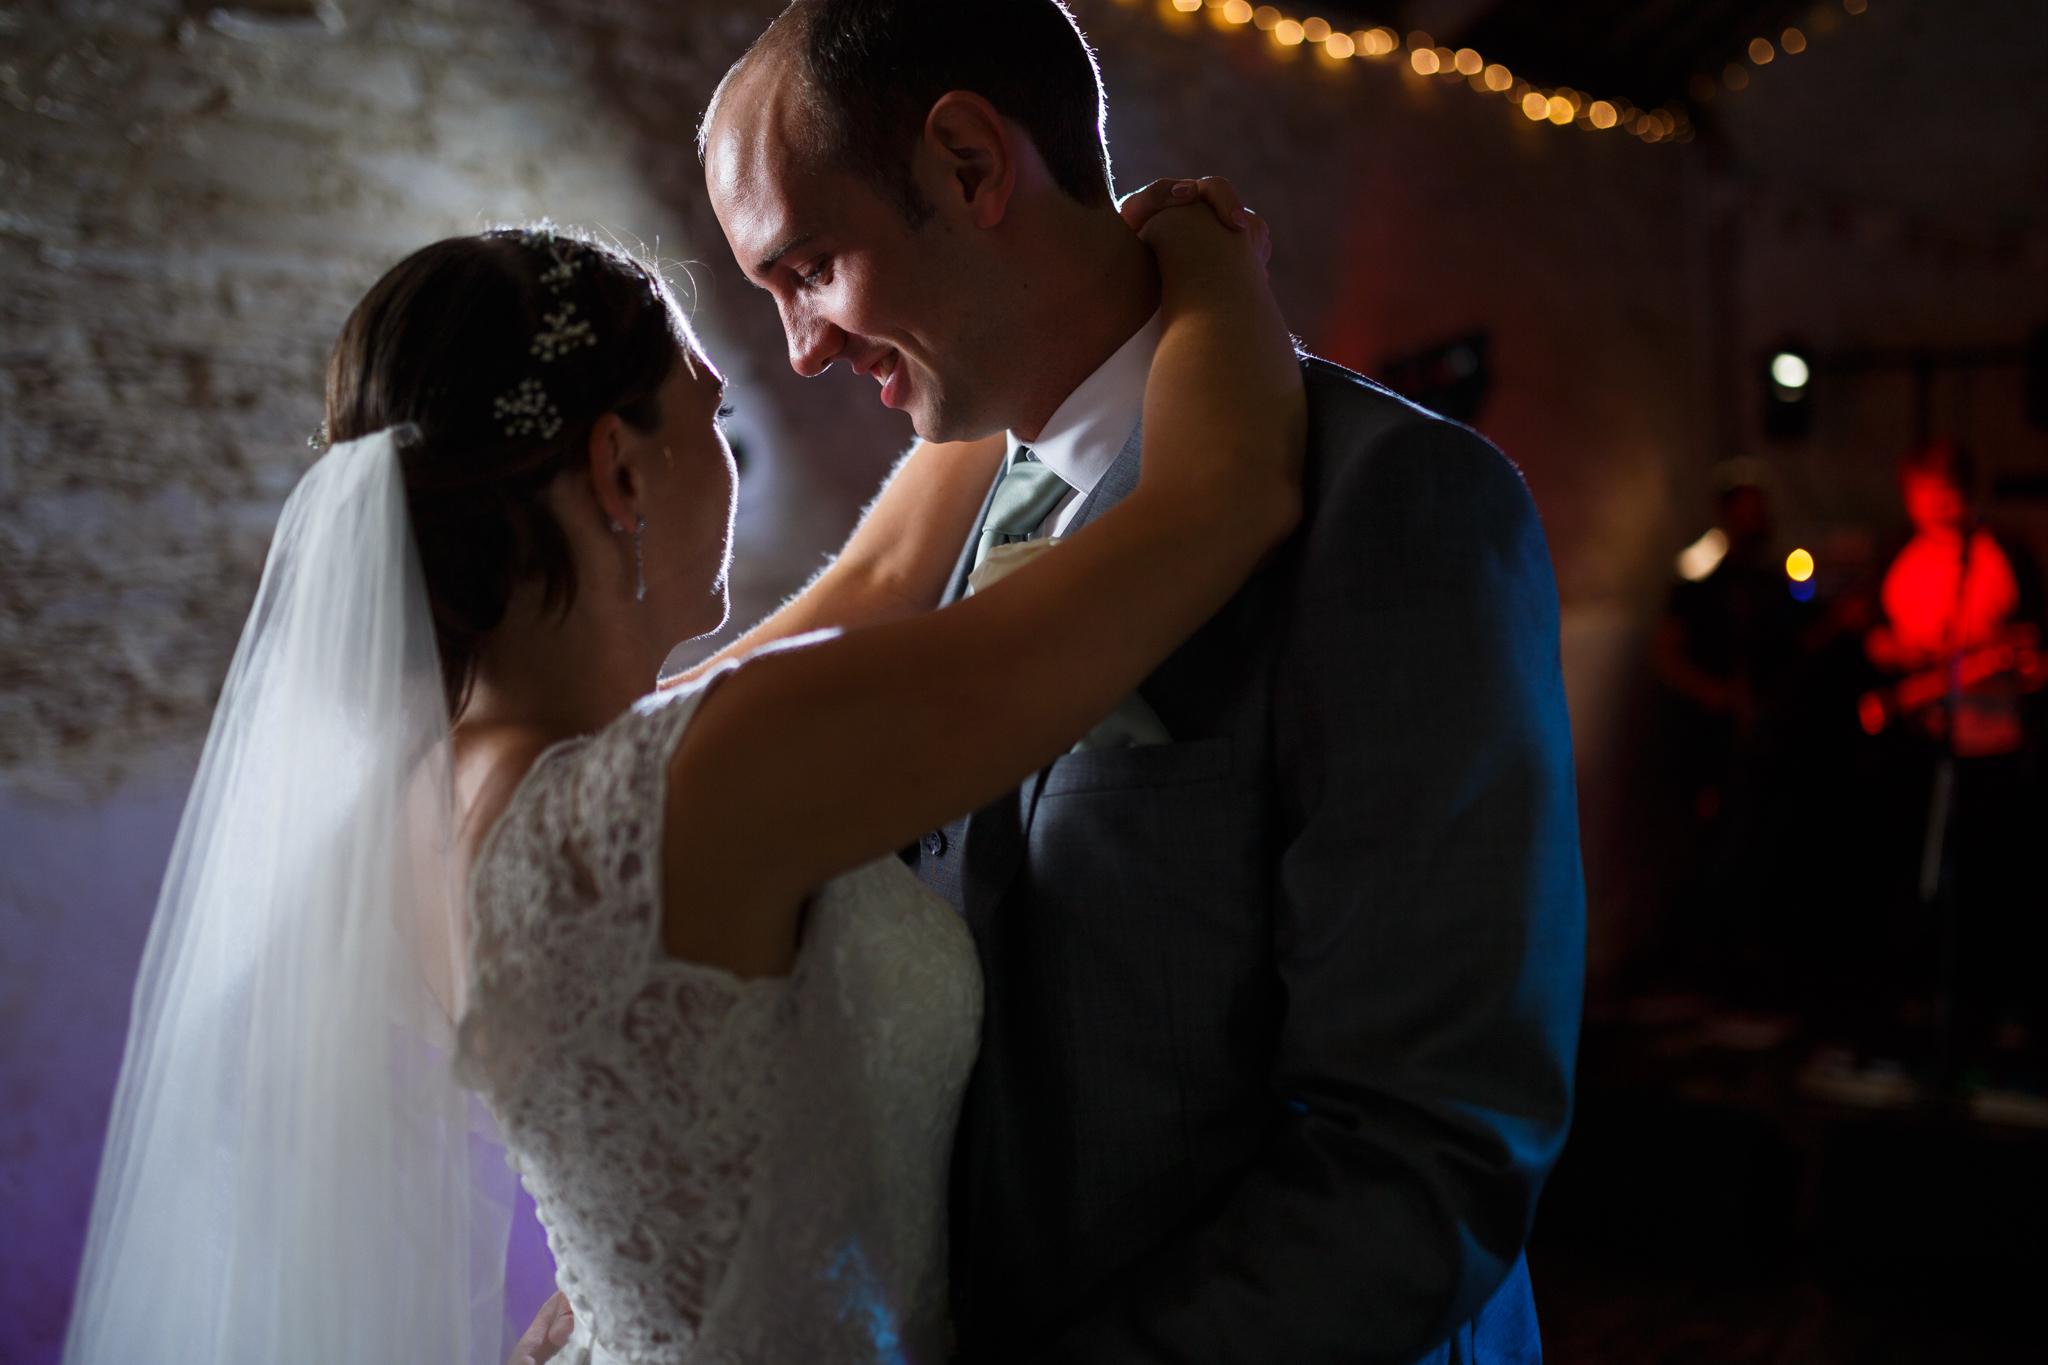 Simon_Rawling_Wedding_Photography-260.jpg